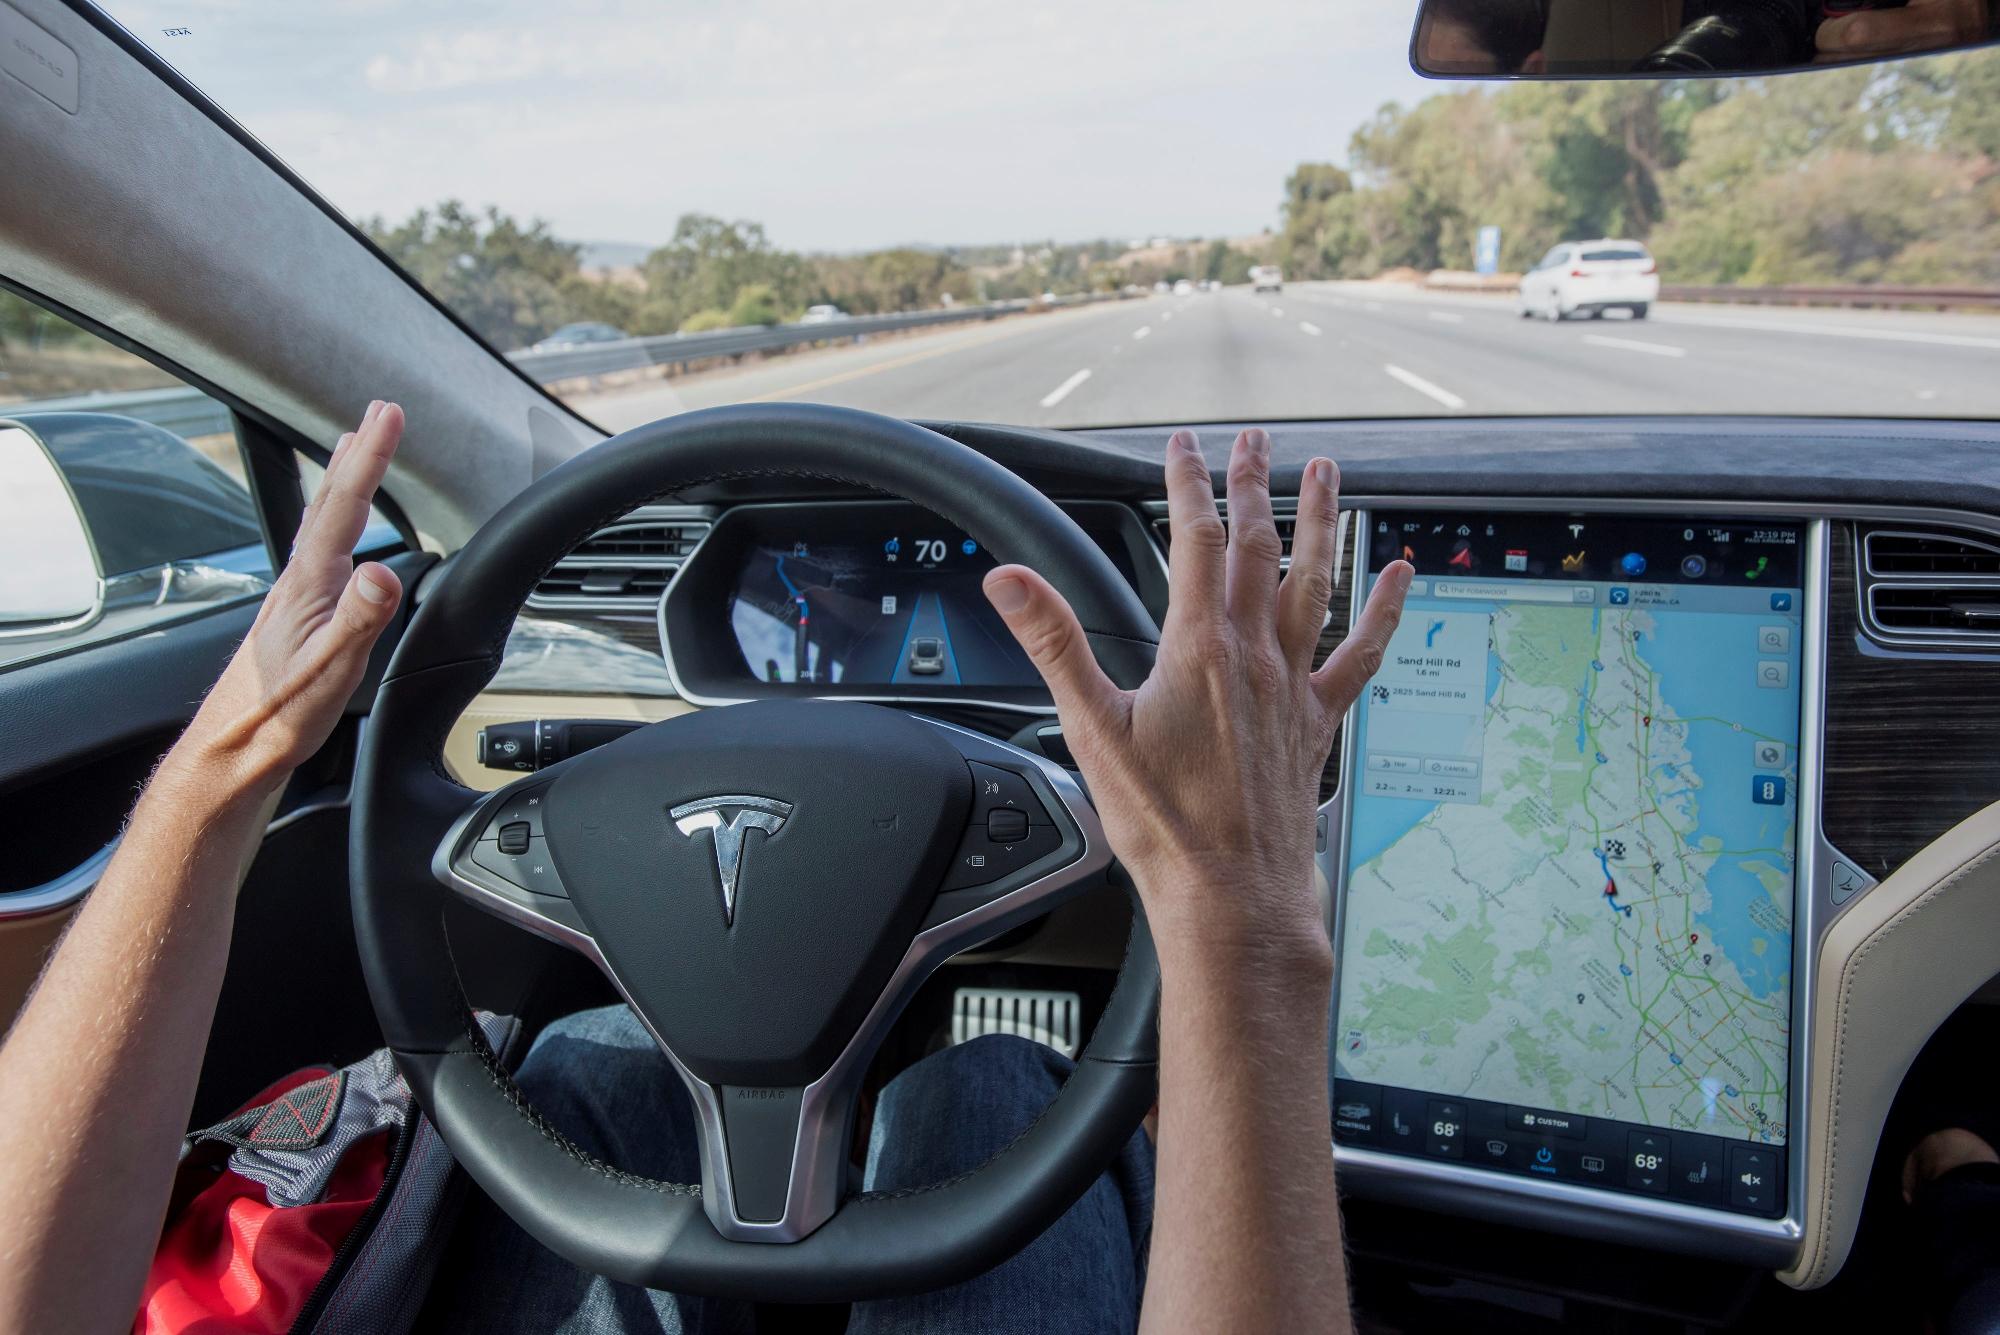 Автопилот Tesla теперь умеет ехать по маршруту навигатора